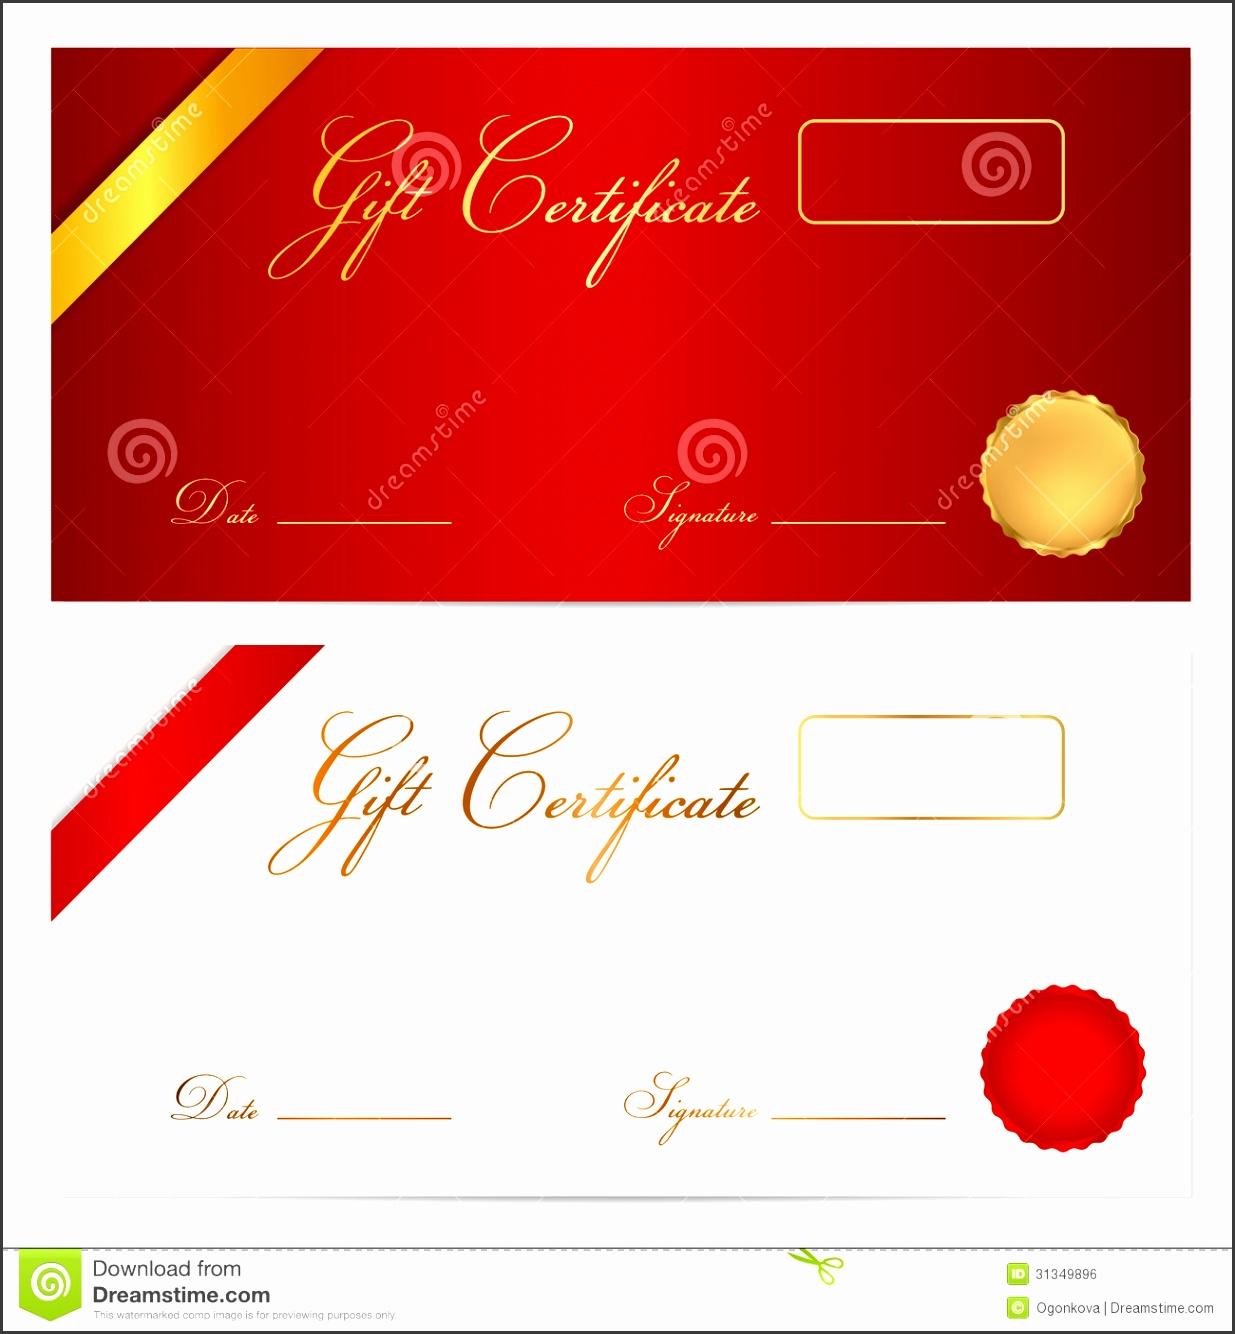 Gift certificate Voucher template Wax seal